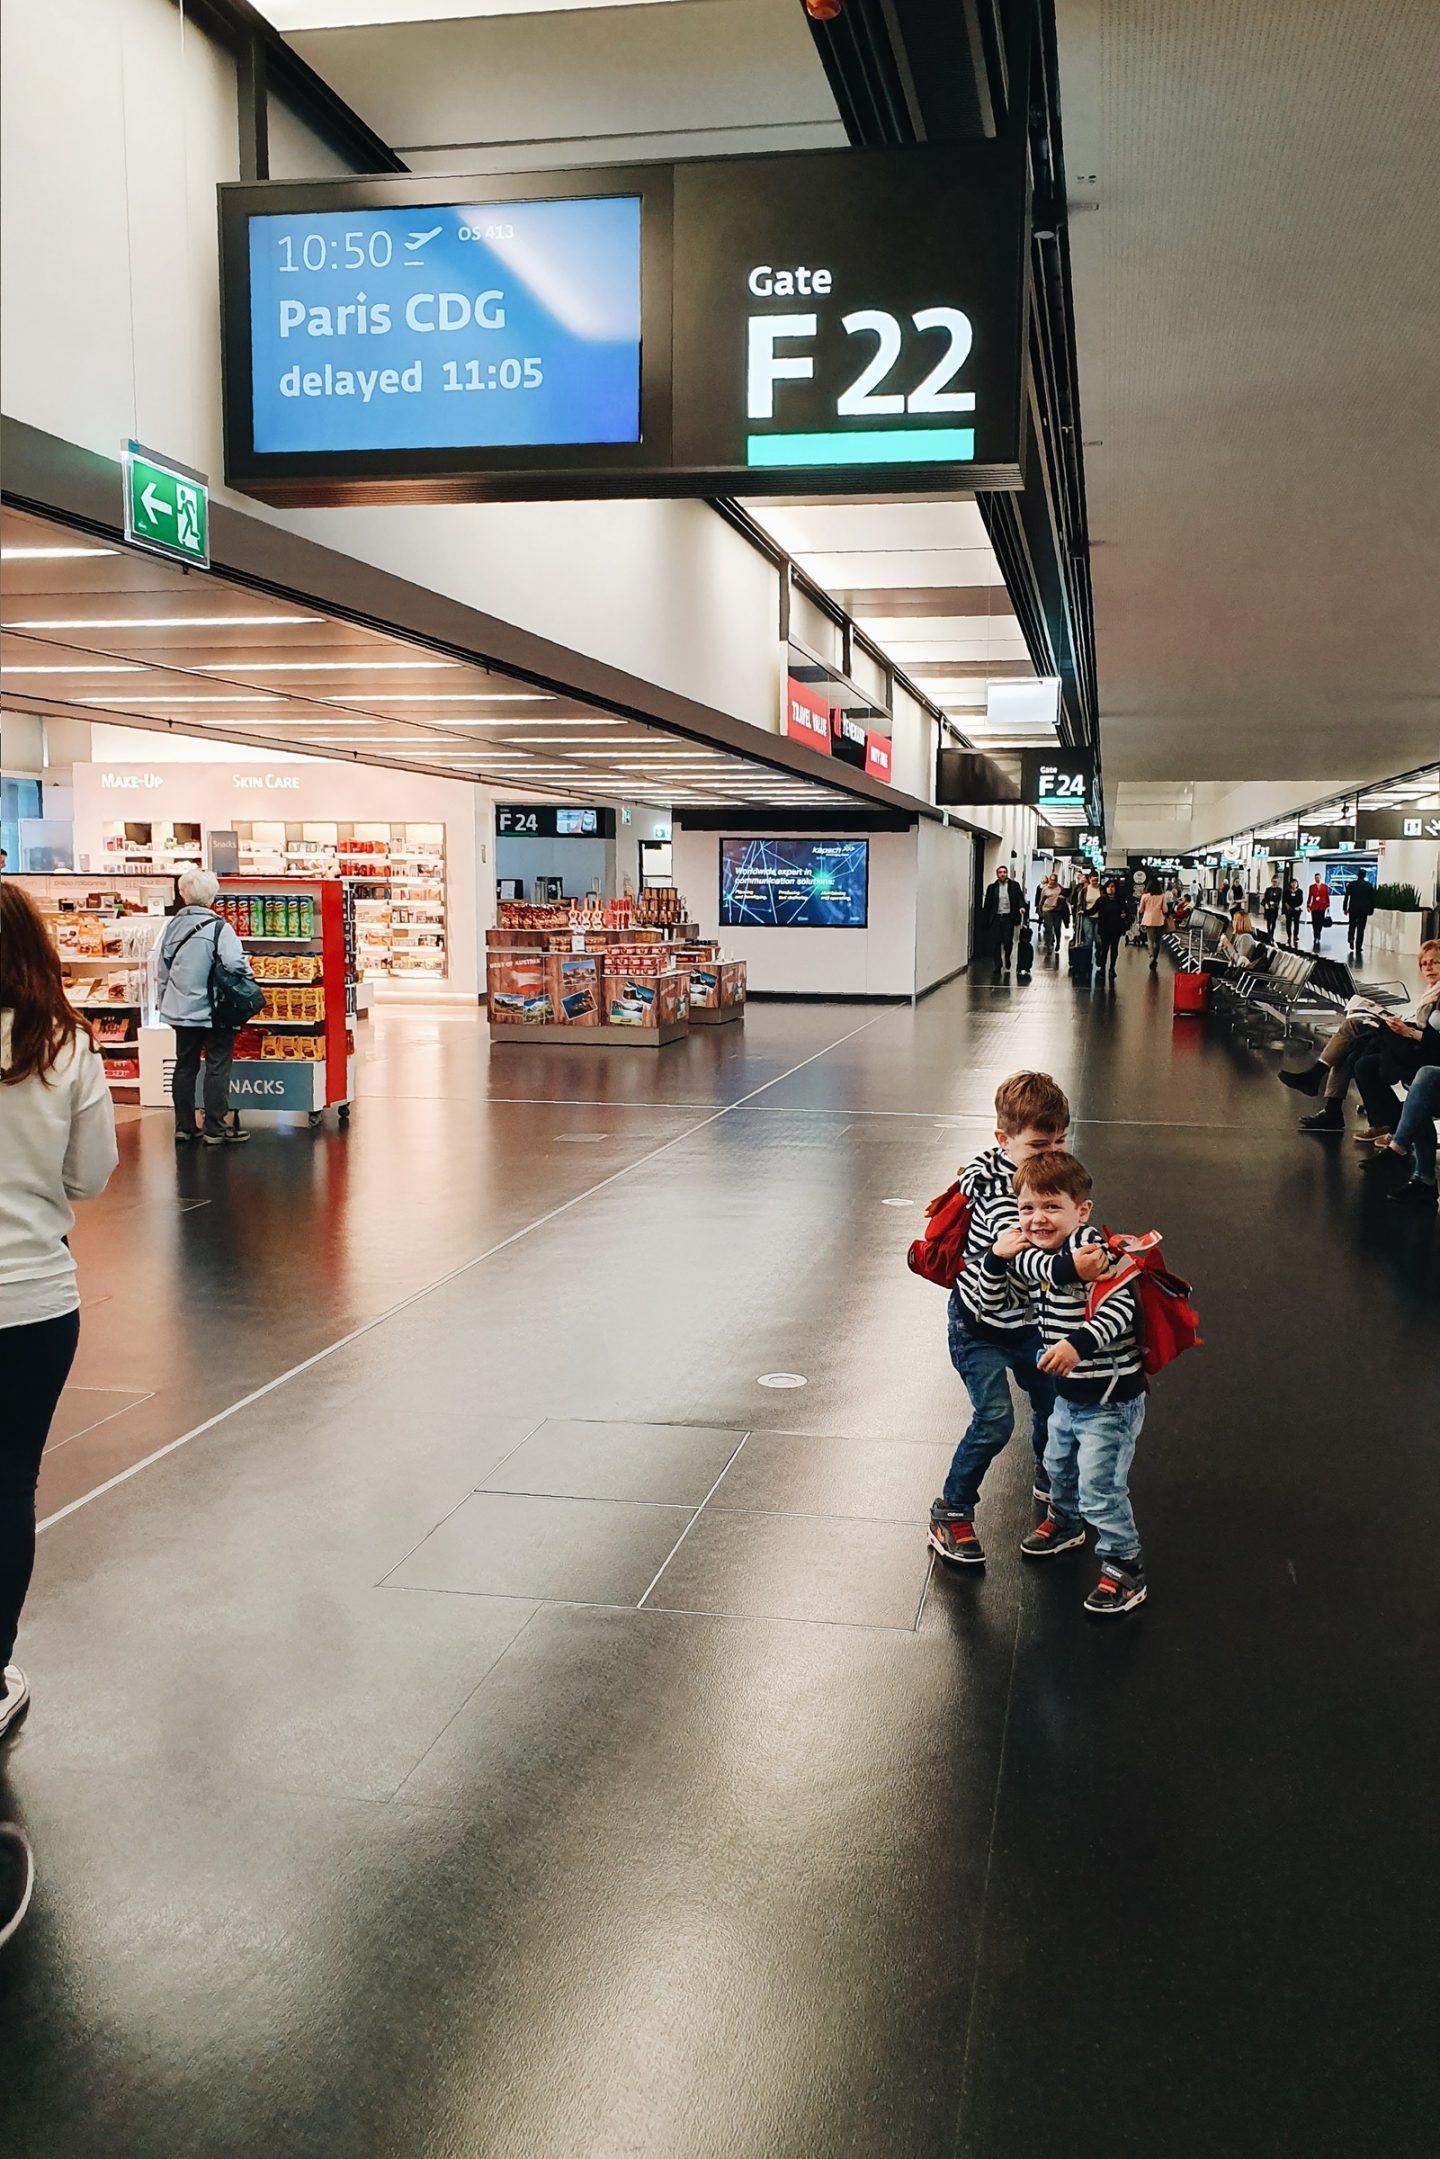 FAMILY TRAVEL | Ooh La La – Off to Paris: Unsere erste